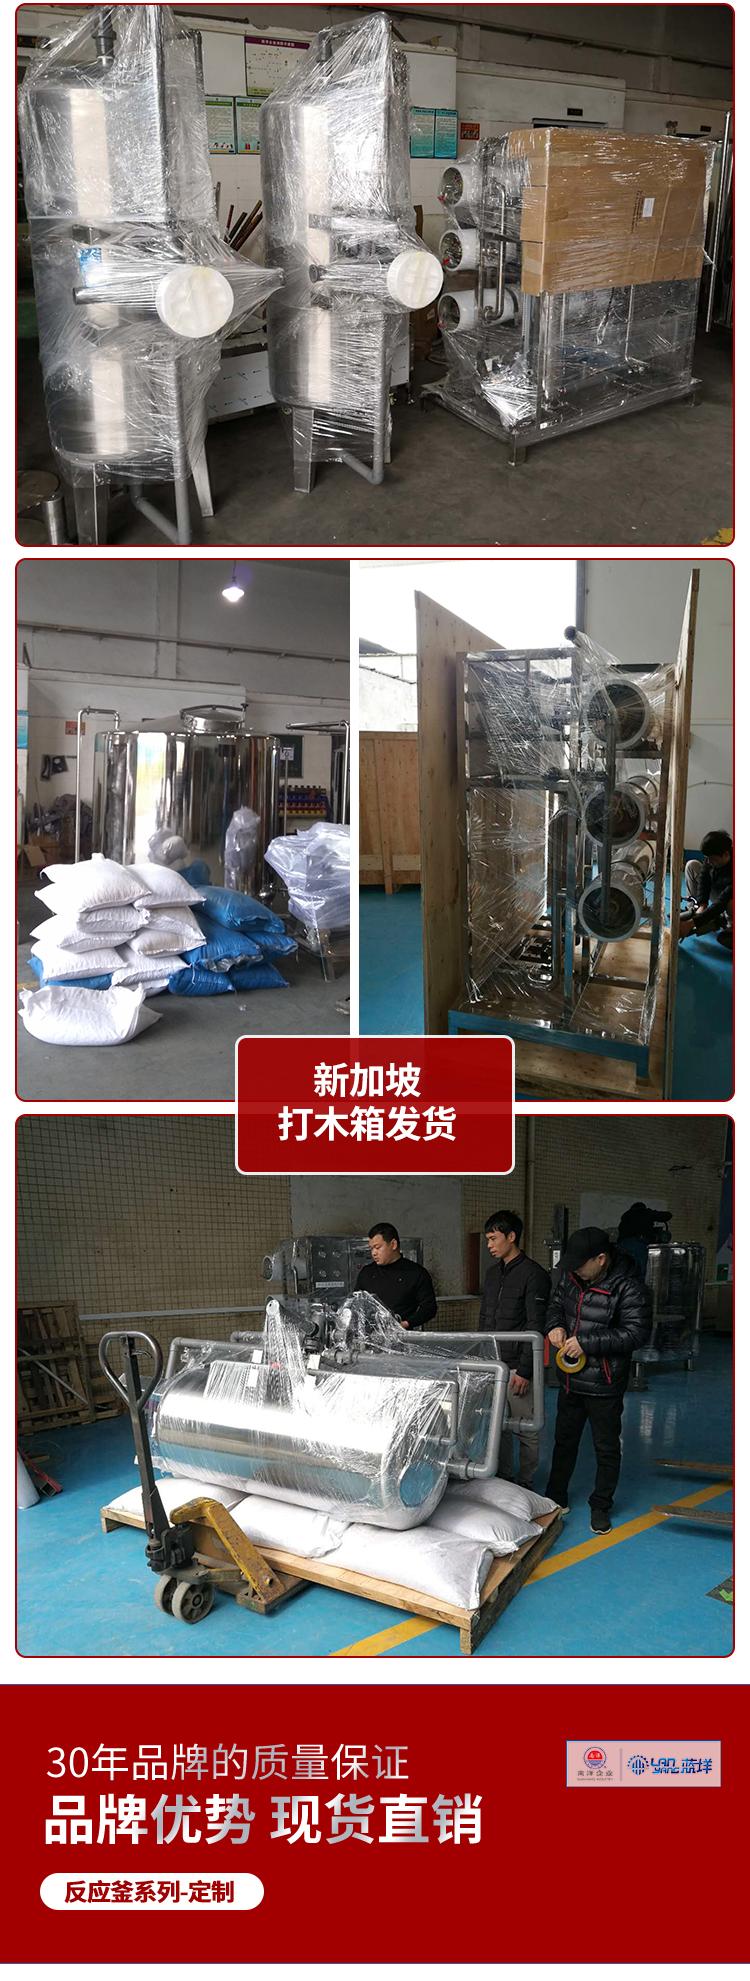 南洋龟苓膏生产线-新加坡_16.jpg